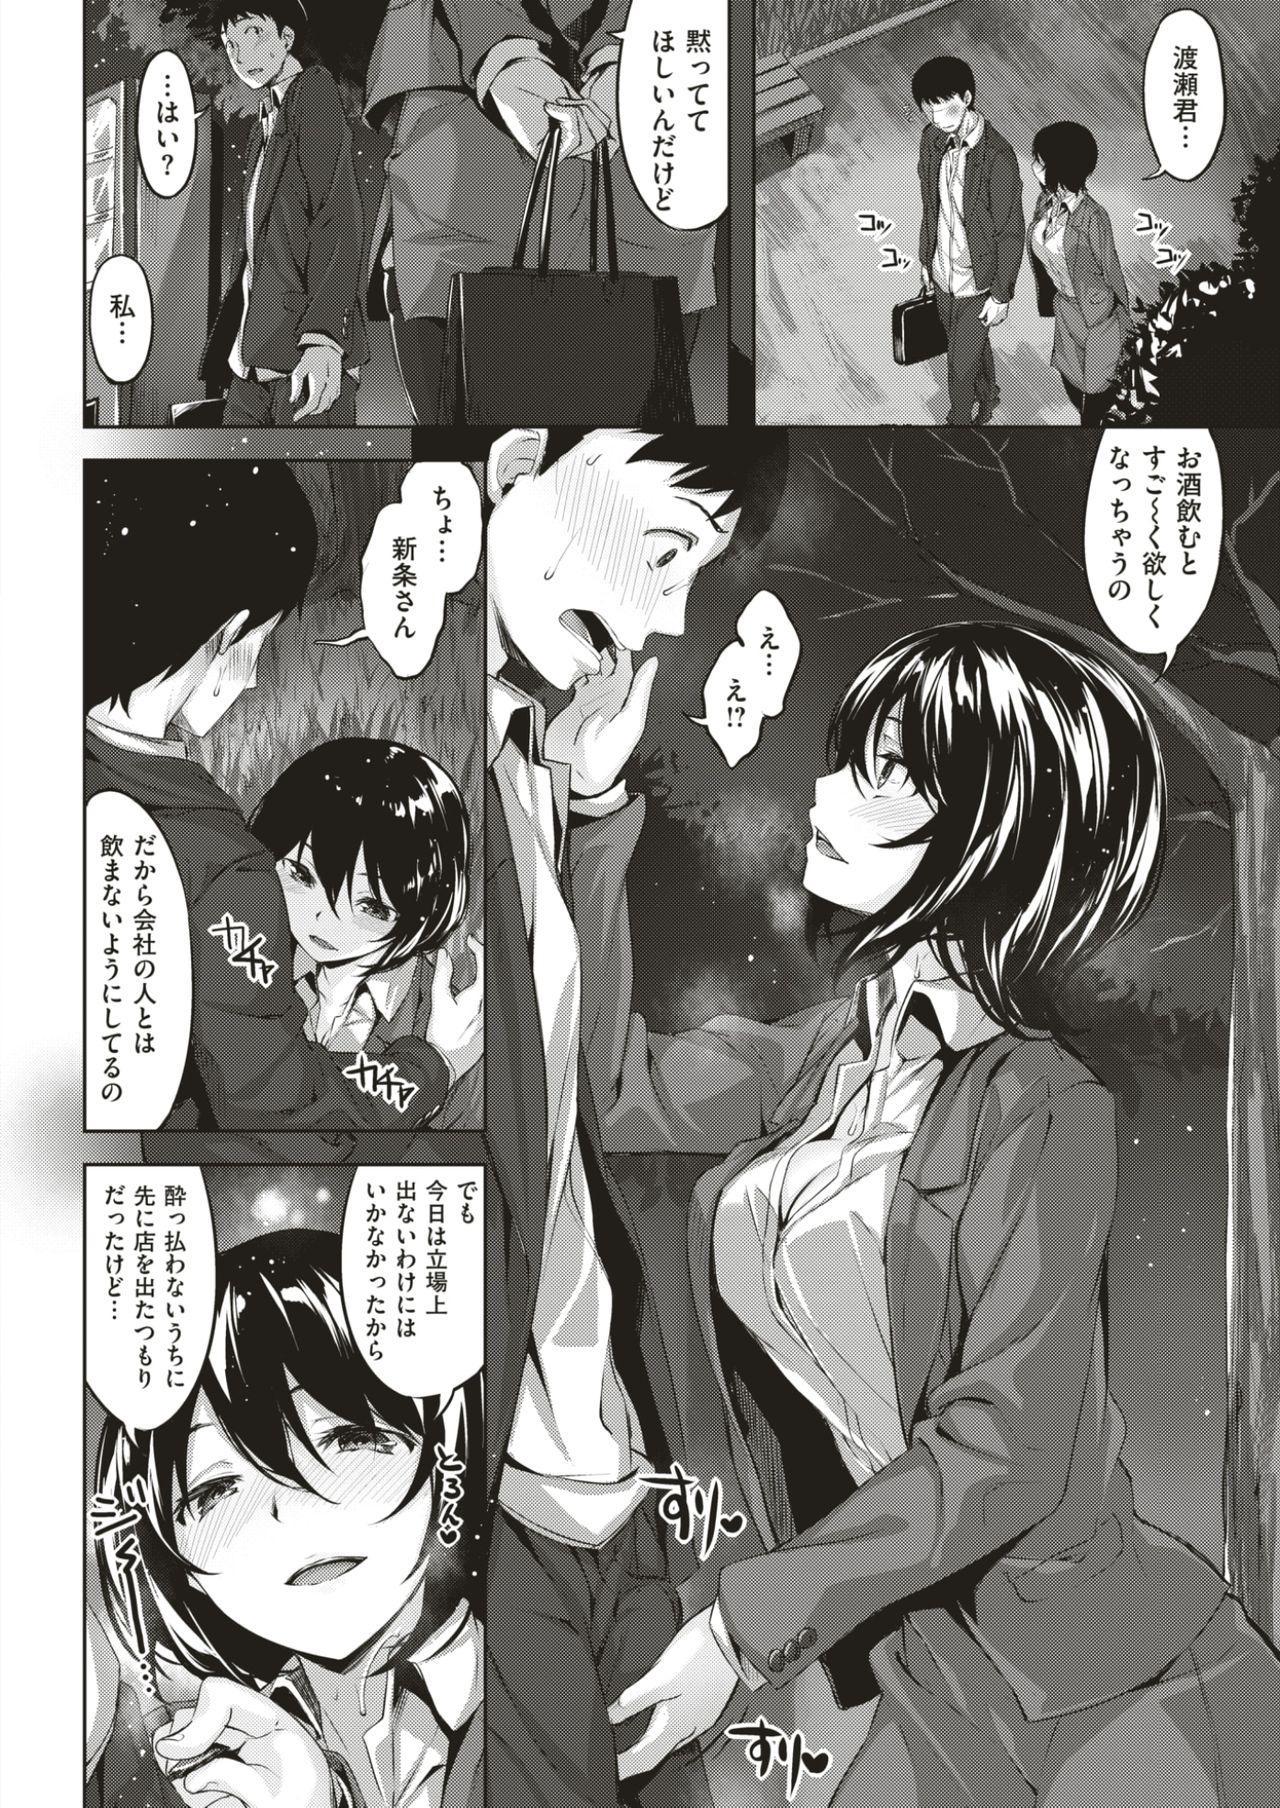 COMIC Kairakuten BEAST 2017-05 48